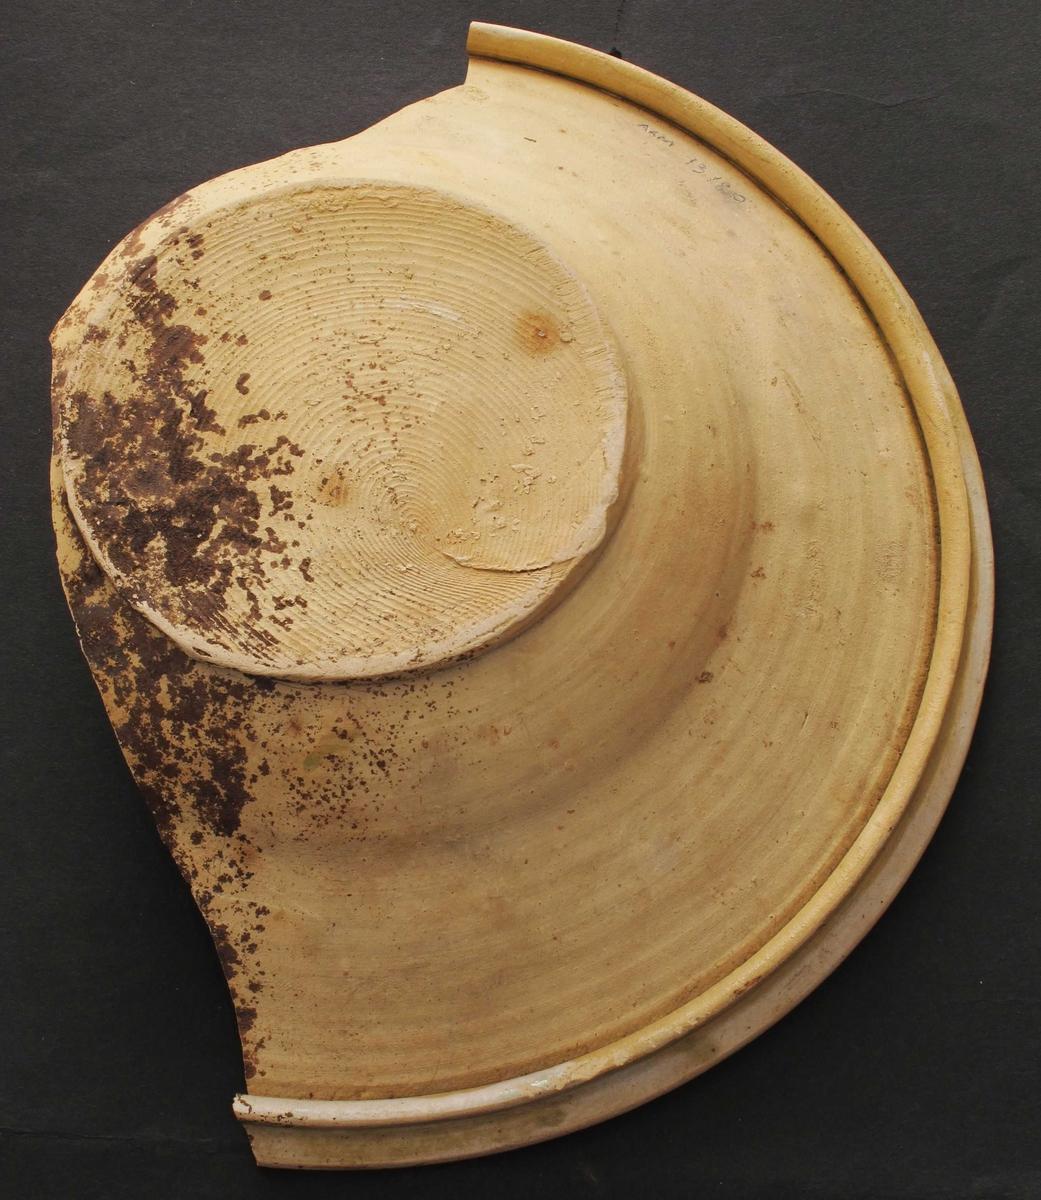 """Fat. Leirtøy, grågult gods, rillet bunnavskjæring.  Utvendig uglasert, innvendig hvitgrå begitning med """"slipdekor"""" (rankespiraler) i brunrødt, mørkebrunt.  Markert bunnflate, utvendig brem med hulkil.  Innvendig høy, skrå brem, bred, dekorert med en rankespiral, regelmessig.  I speilet samme dekor, seks spiraler omkring en spiral i midten.  I overgang til brem, og landskanten ytterst brunrøde ringer.  Tilstand:  speilet helt, men halve bremmen borte."""